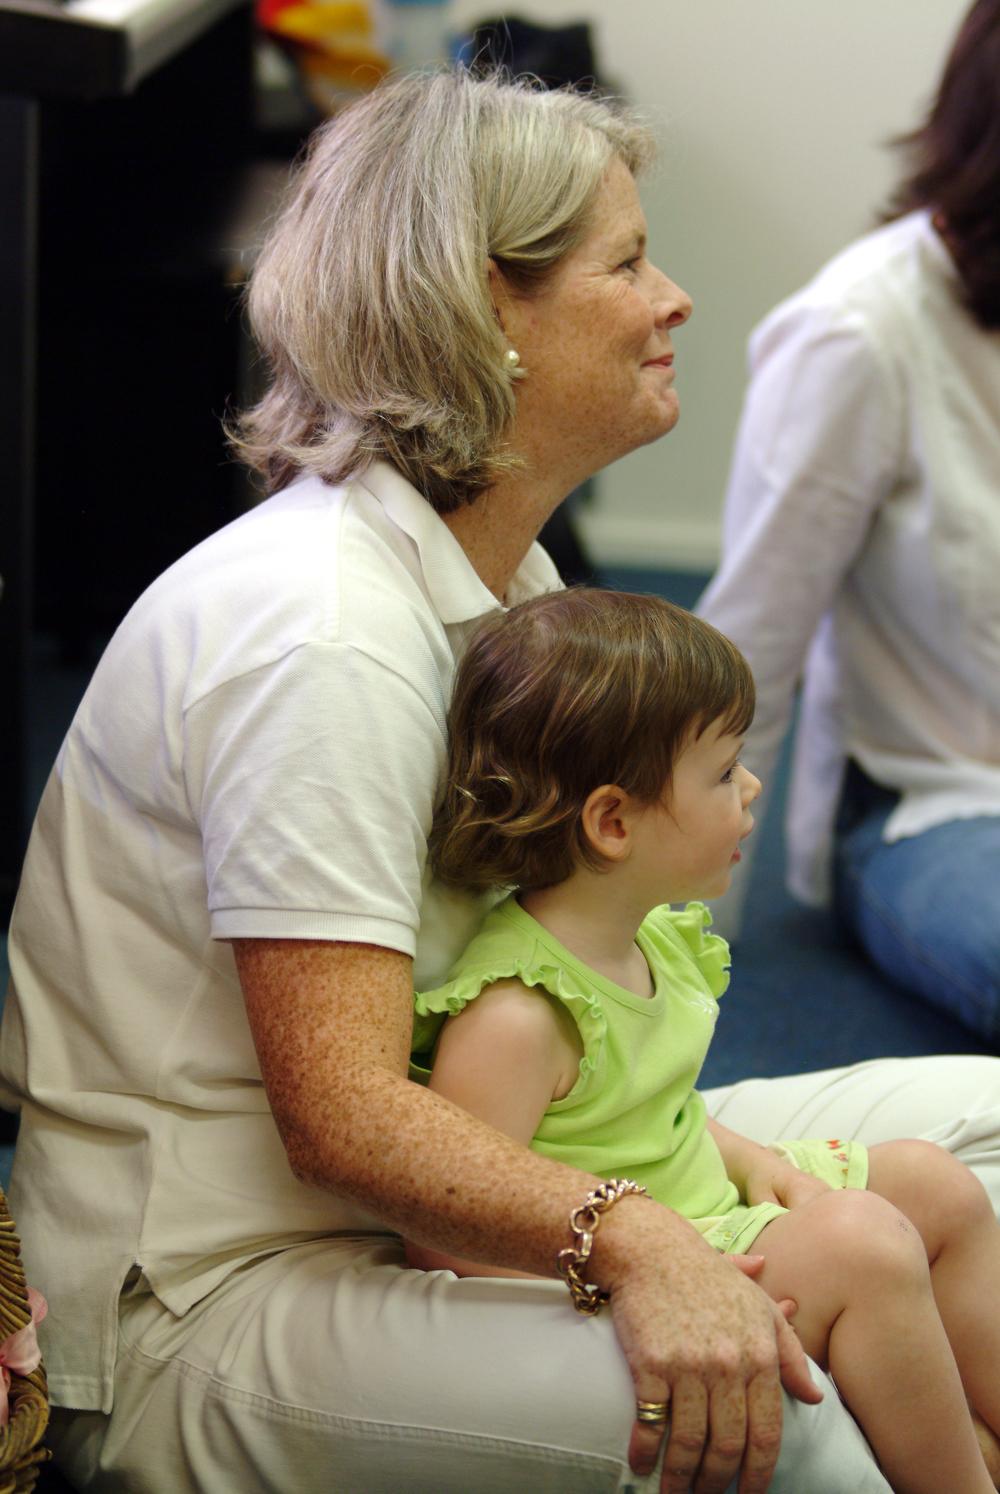 Madeleine&Mum2.JPG